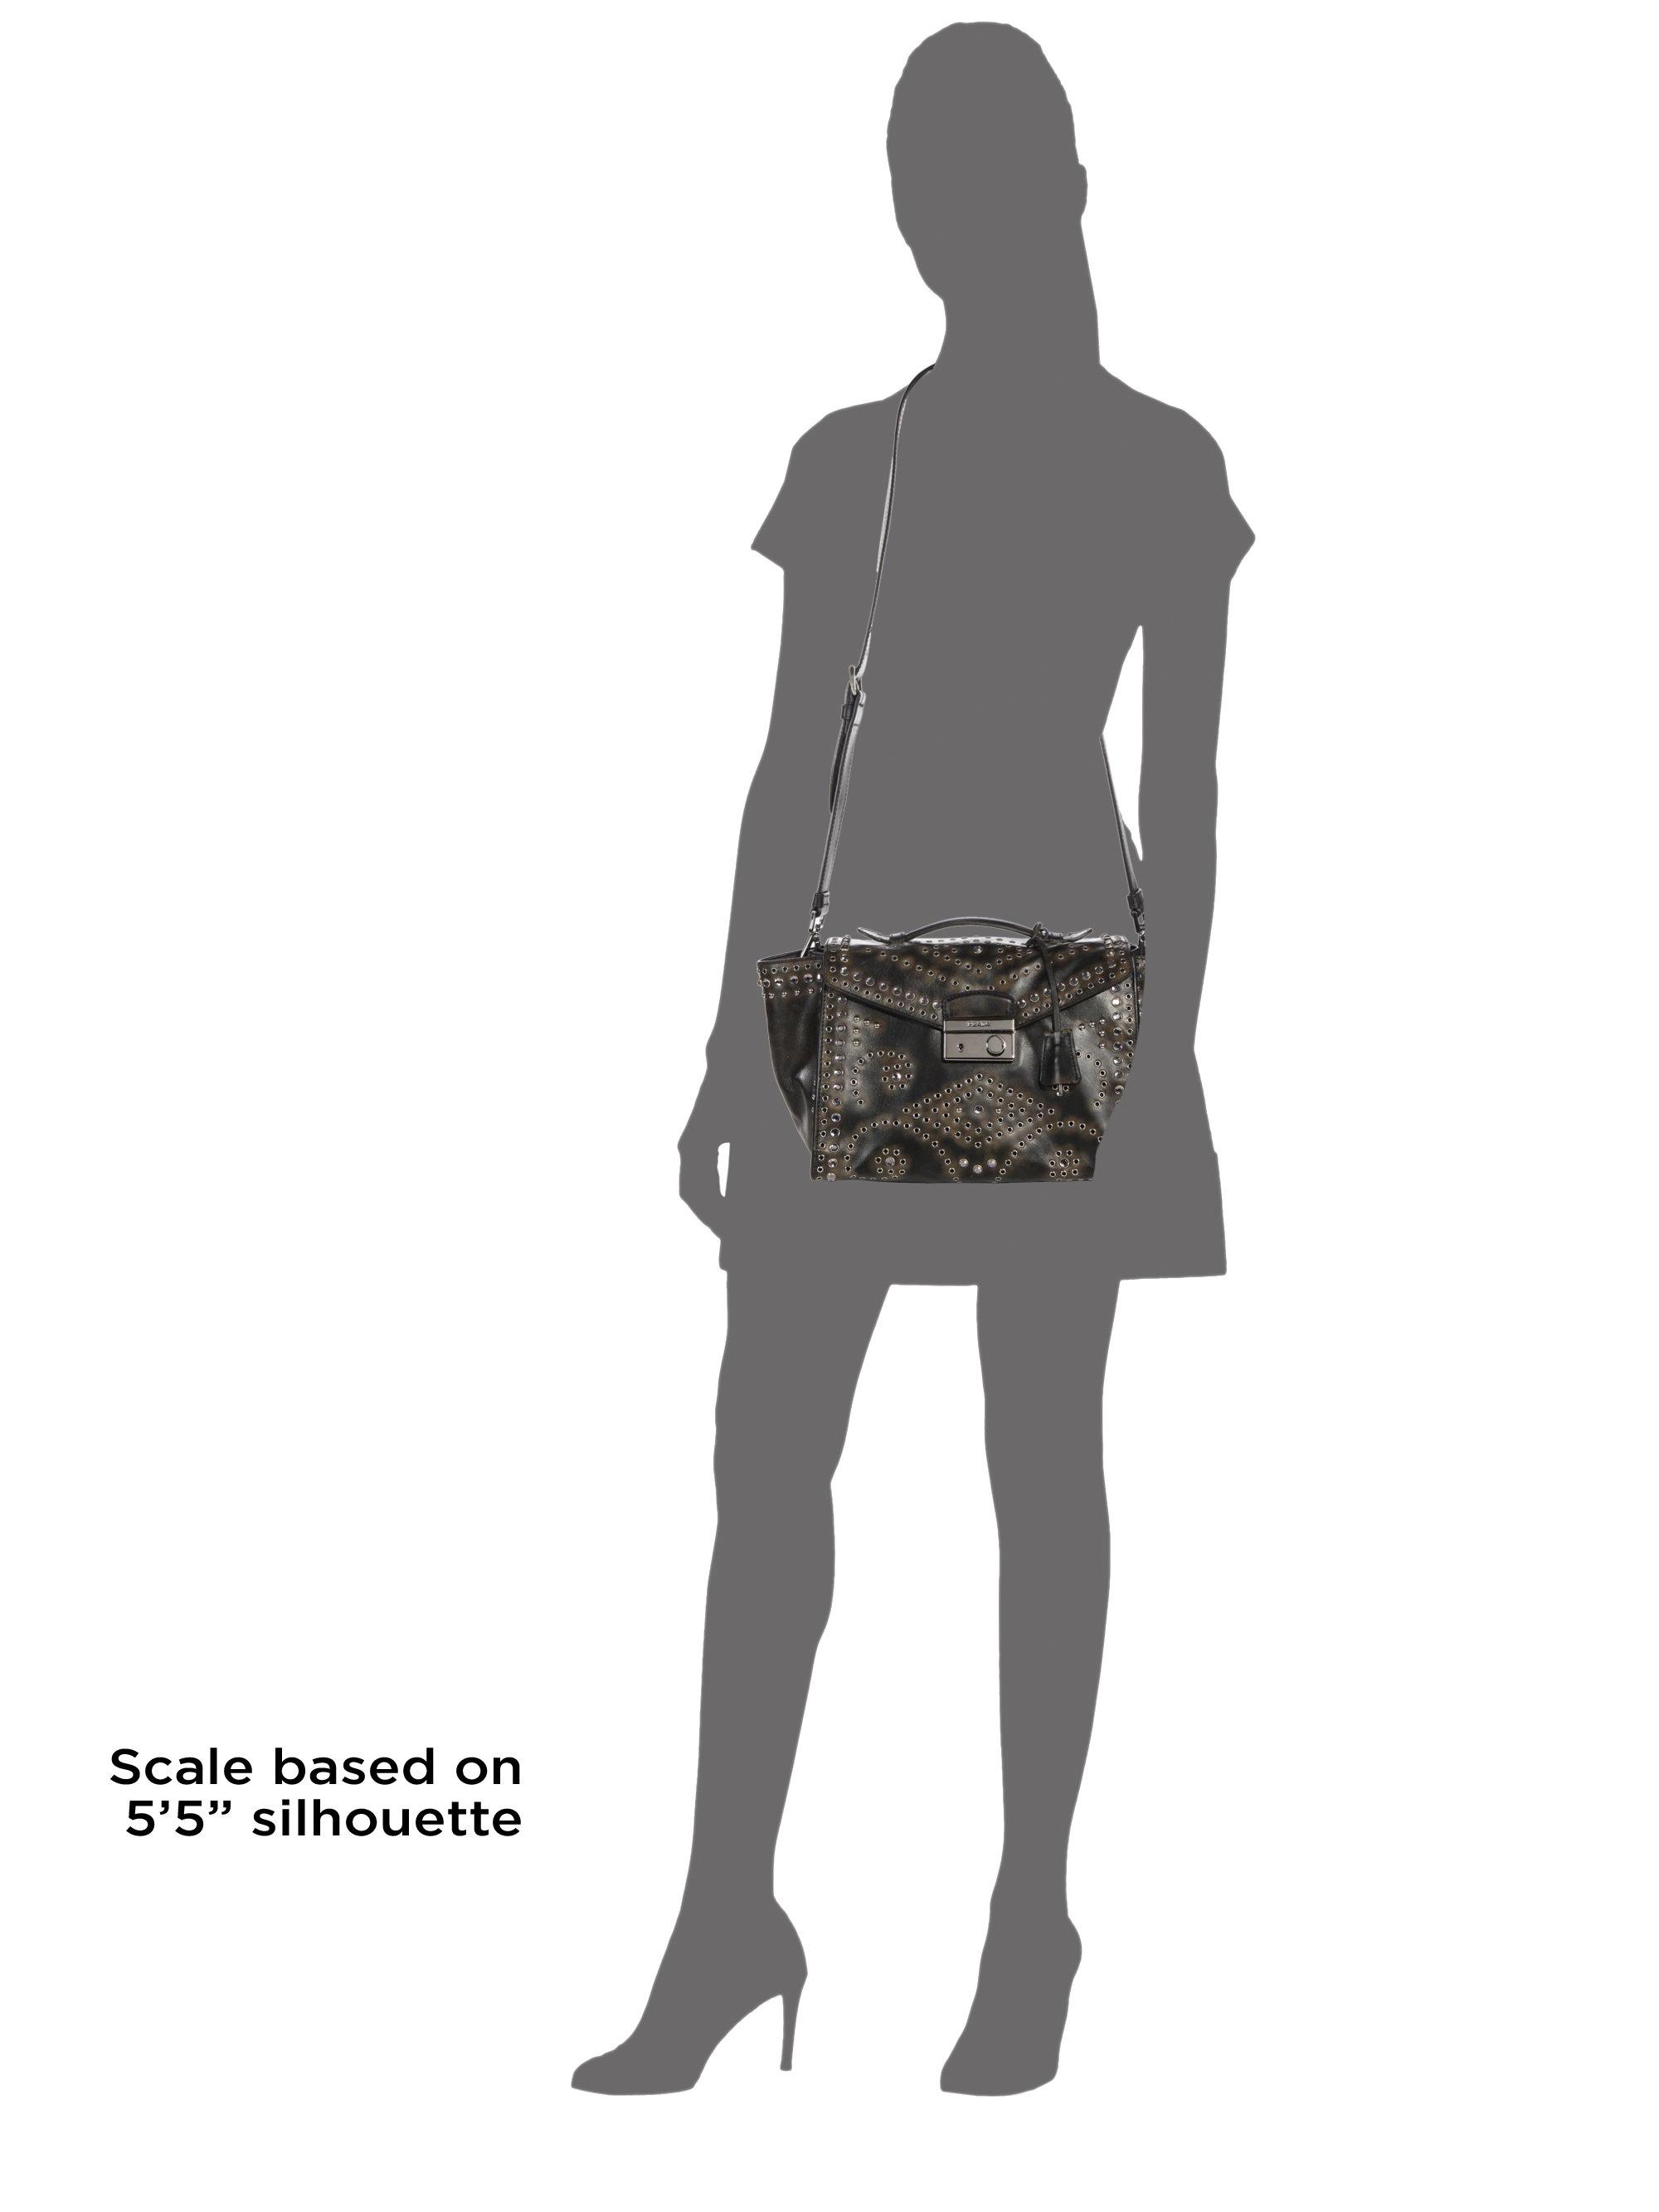 silver prada bag - prada grommet-embellished shoulder bag, prada pink leather bag